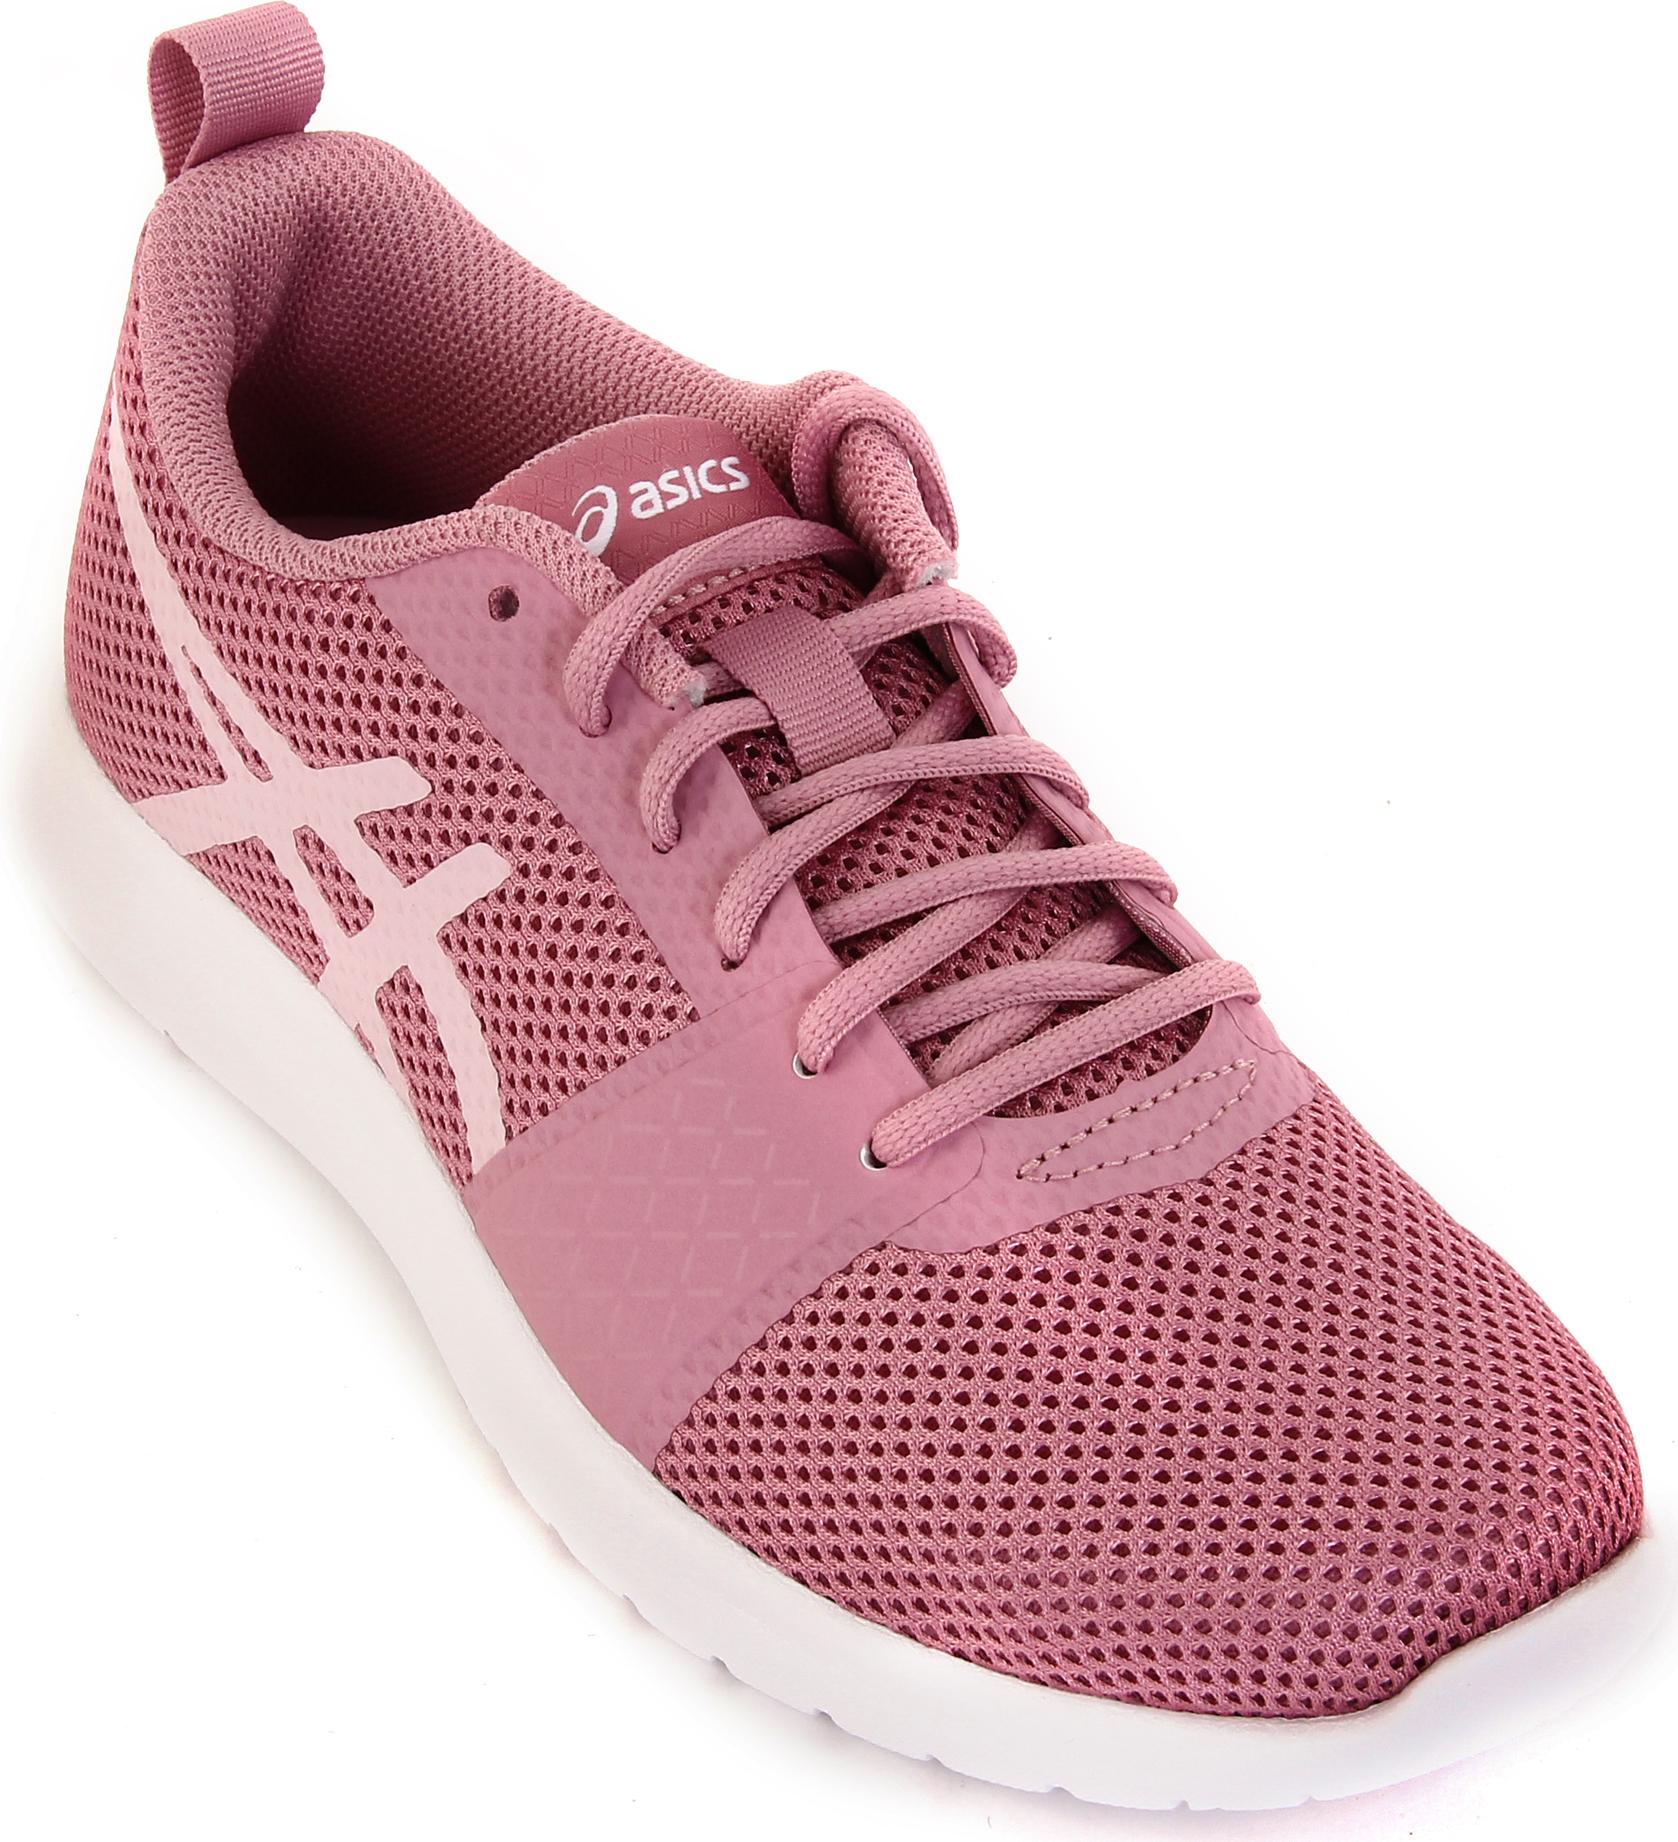 Кроссовки женские Asics Kanmei MX, цвет: розовый. T899N-2020. 9 (39)T899N-2020Если вам необходима универсальная обувь для тренировок, Asics Kanmei MX – ваш выбор. Эту стильную модель с тканевым верхом и бесшовными верхними слоями можно носить каждый день, так как она отличается легкостью и воздухопроницаемостью.Промежуточная подошва EVA придает минималистскому дизайну форму и функциональность, а классический фирменный логотип делает модель стильной.